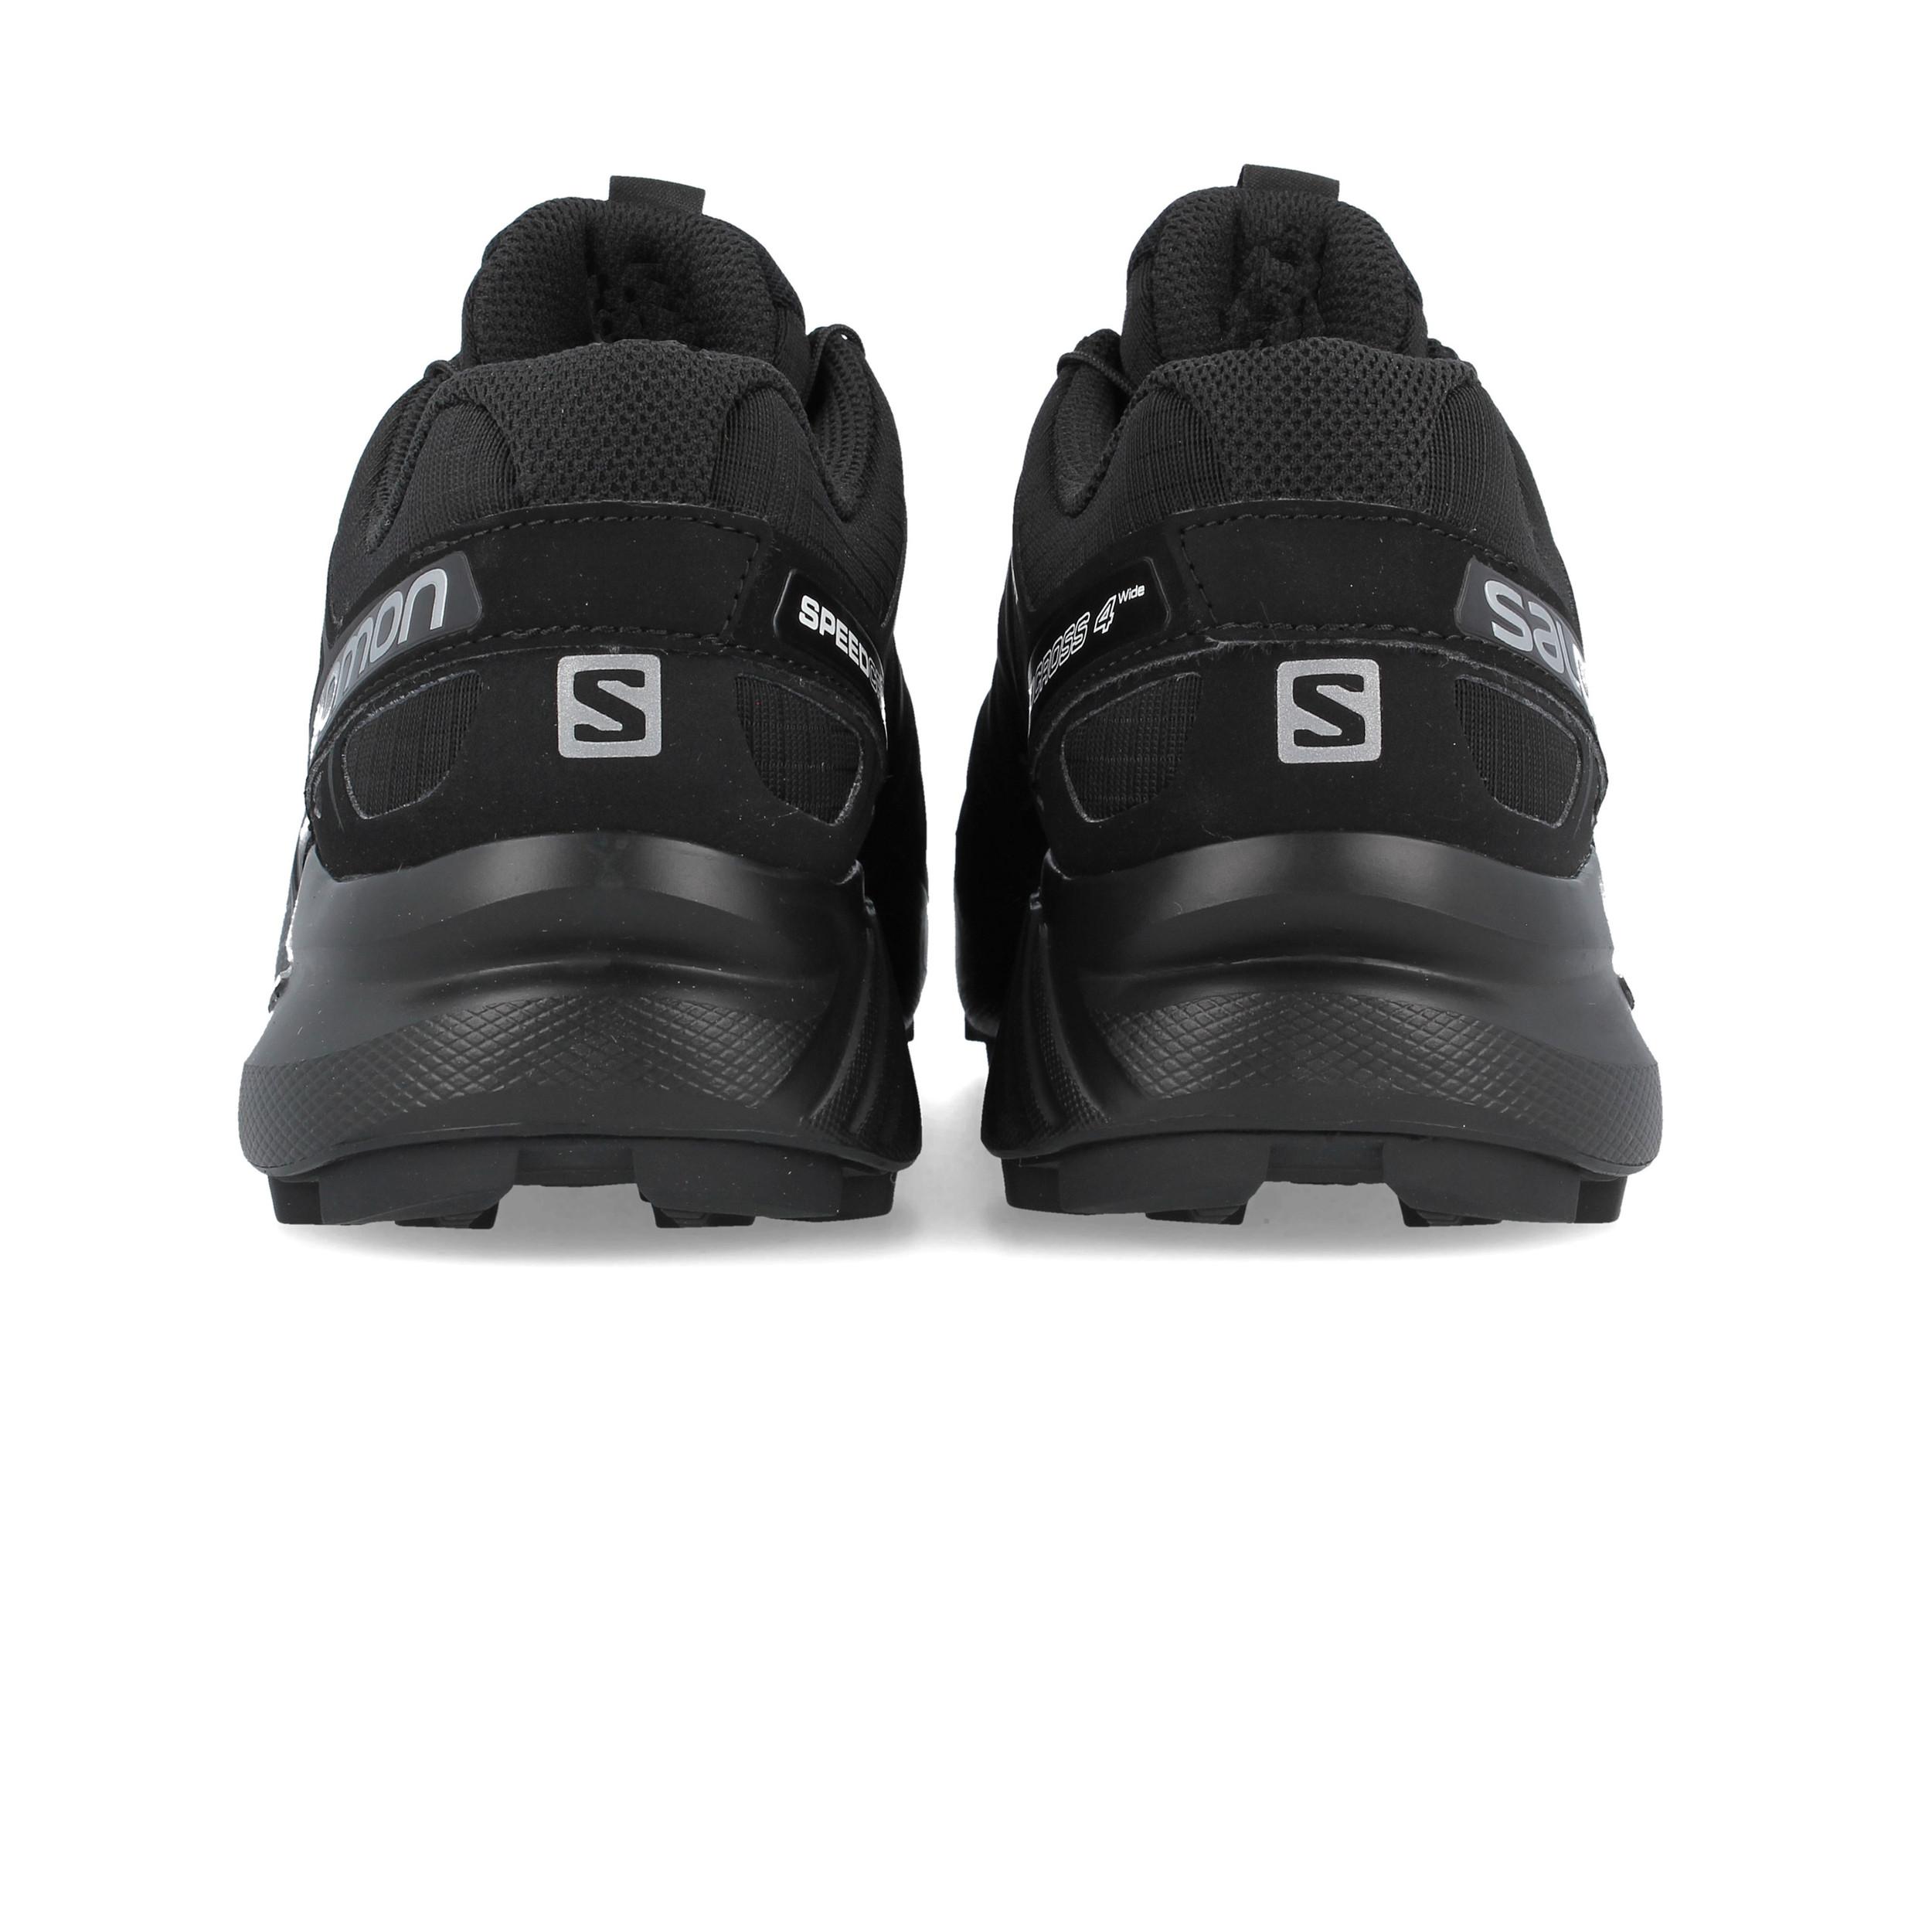 huge discount d2dfb de0e7 De Course Wide 4 Trail Speedcross Homme Salomon Fit Chaussures RqOaz0w